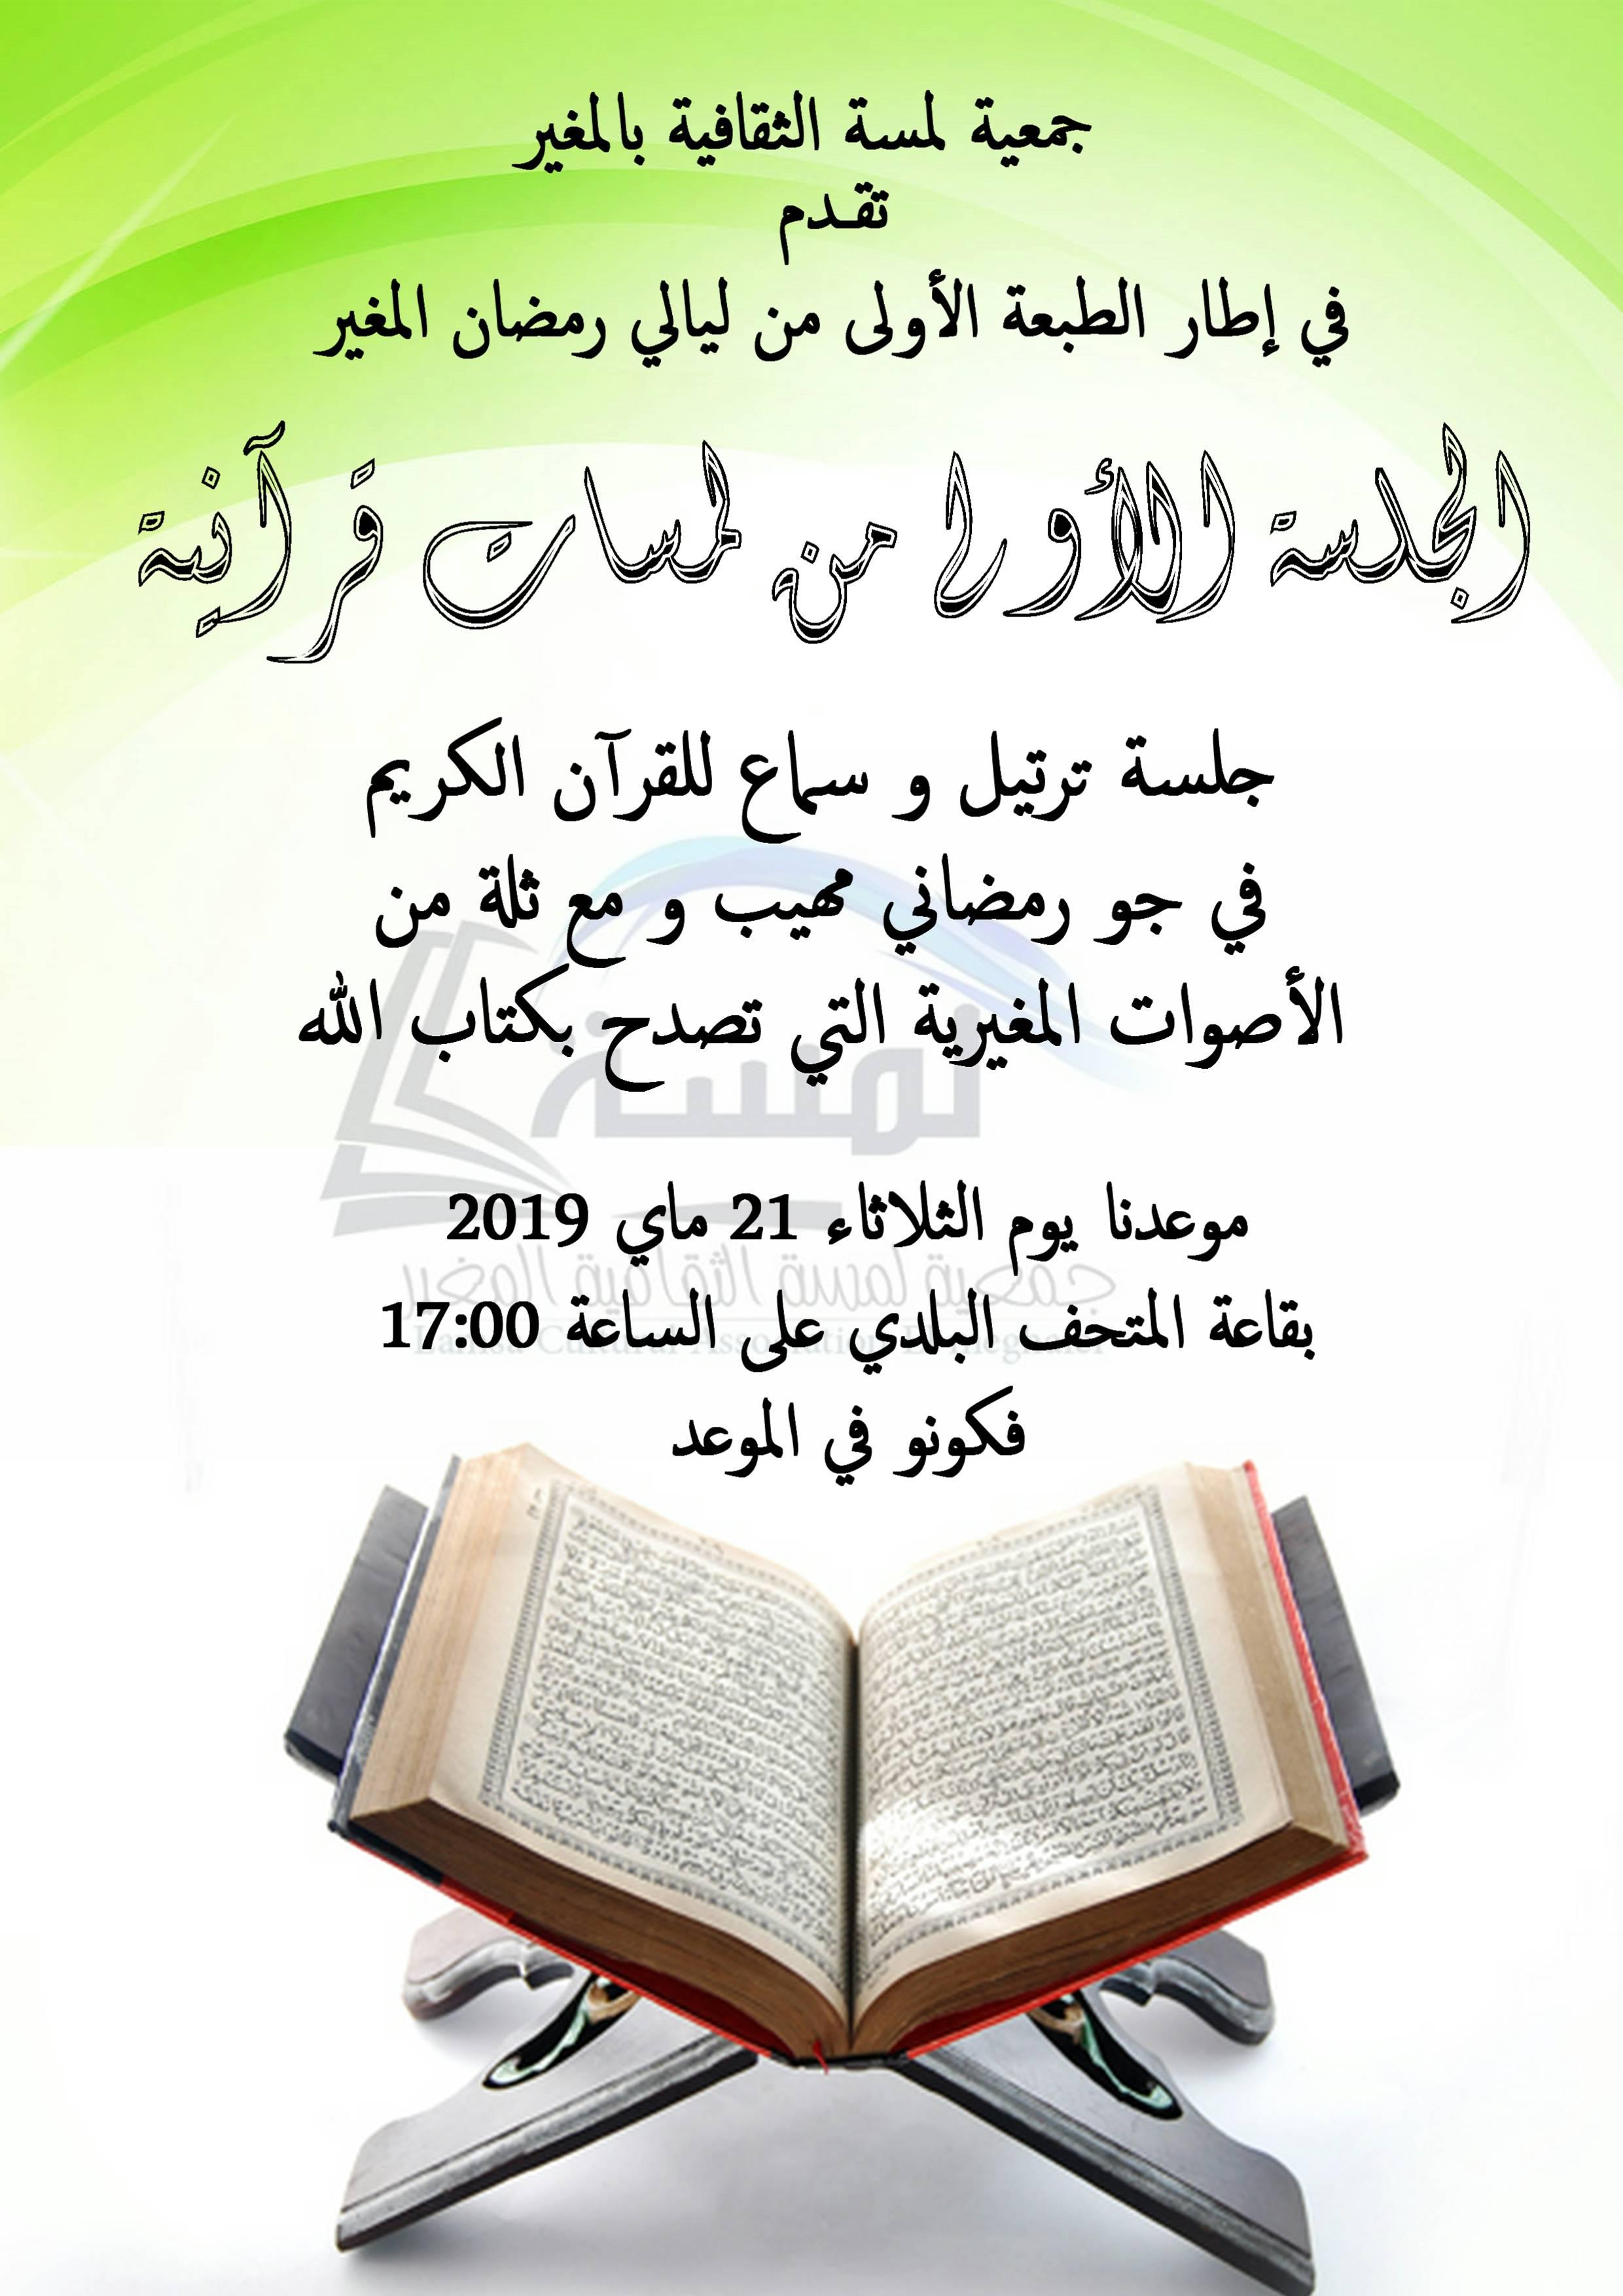 لمسات قرآنية - جمعية لمسة الثقافية المغير